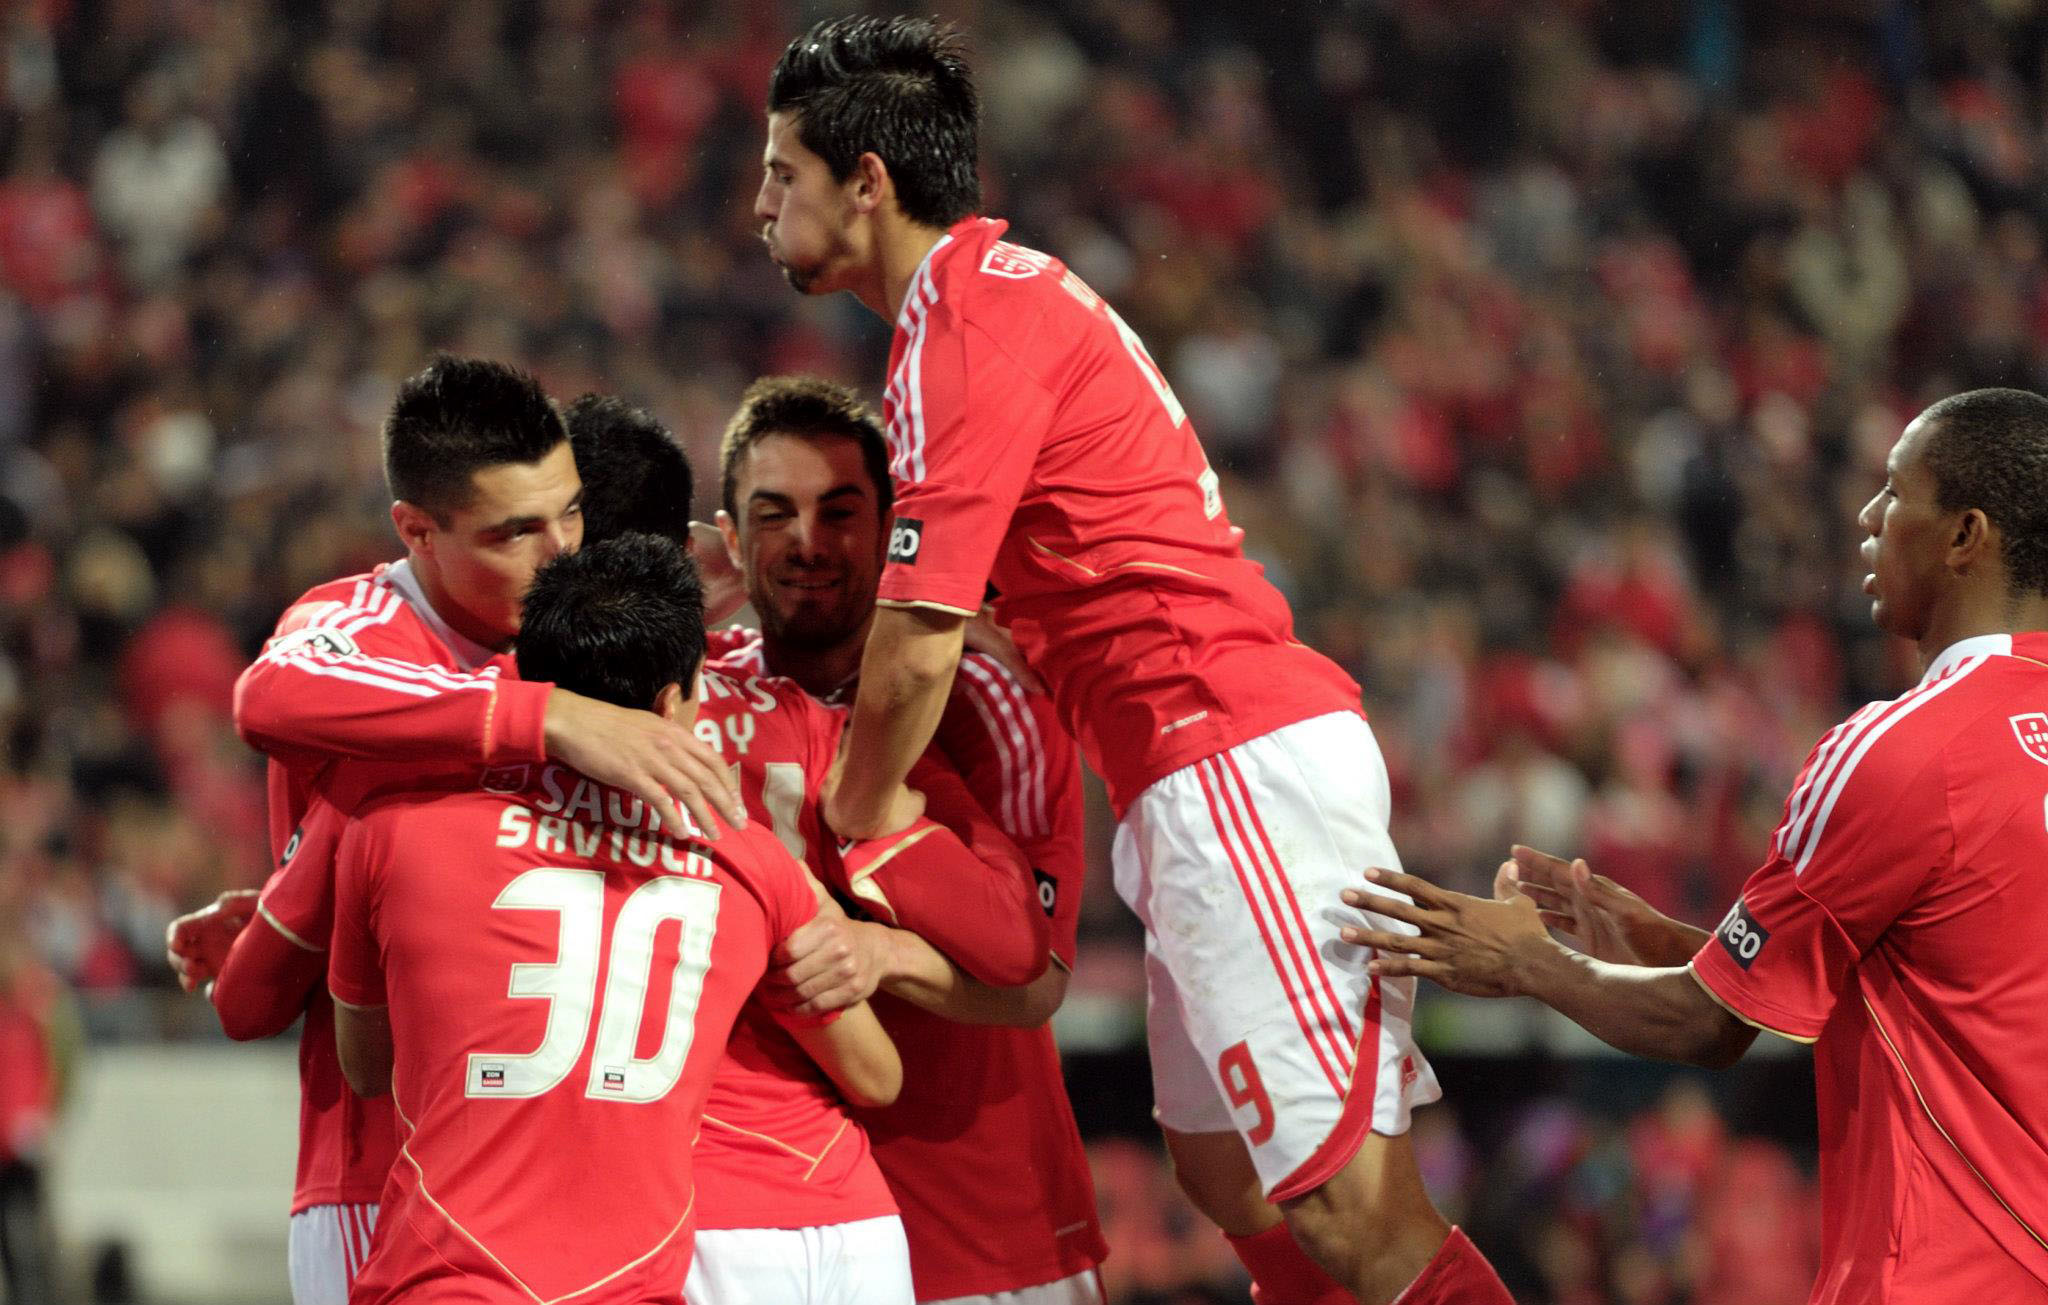 Portuguese Primeira Liga winner odds